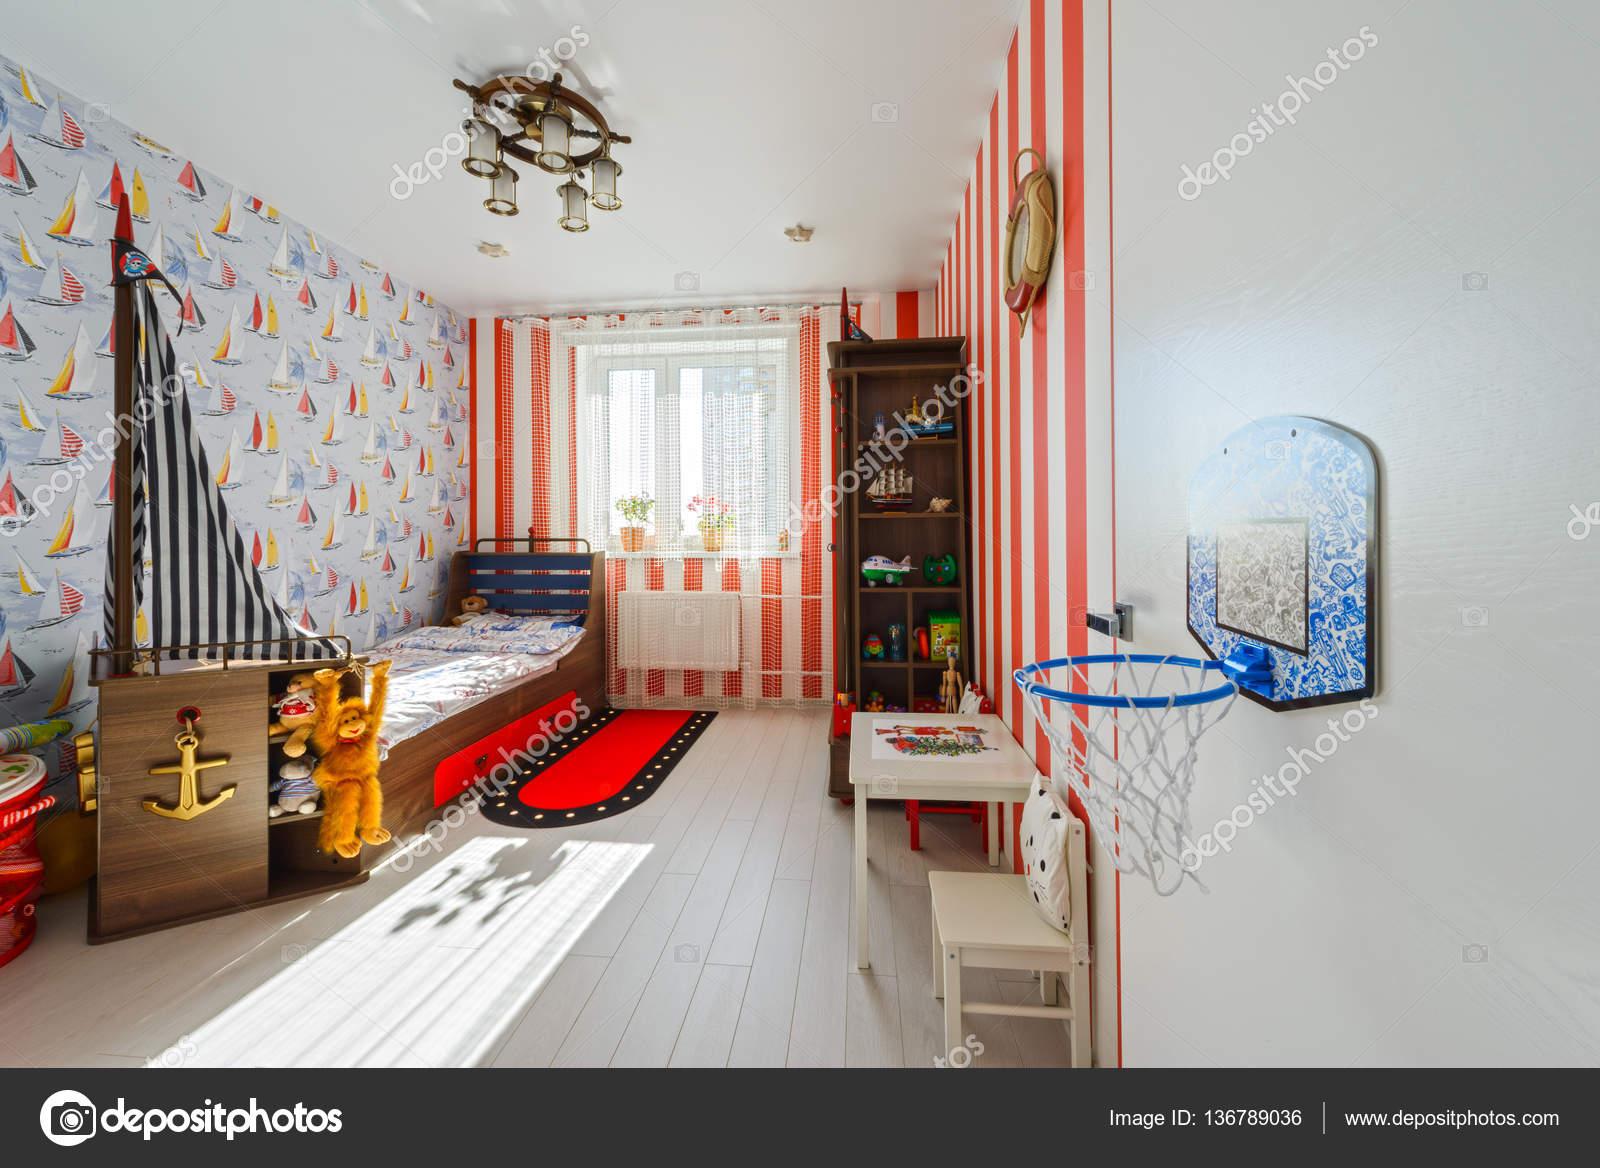 Fragmento De Interior Moderna Habitaci N Ni Os Con Juguetes Y  # Muebles Juguetes Ninos